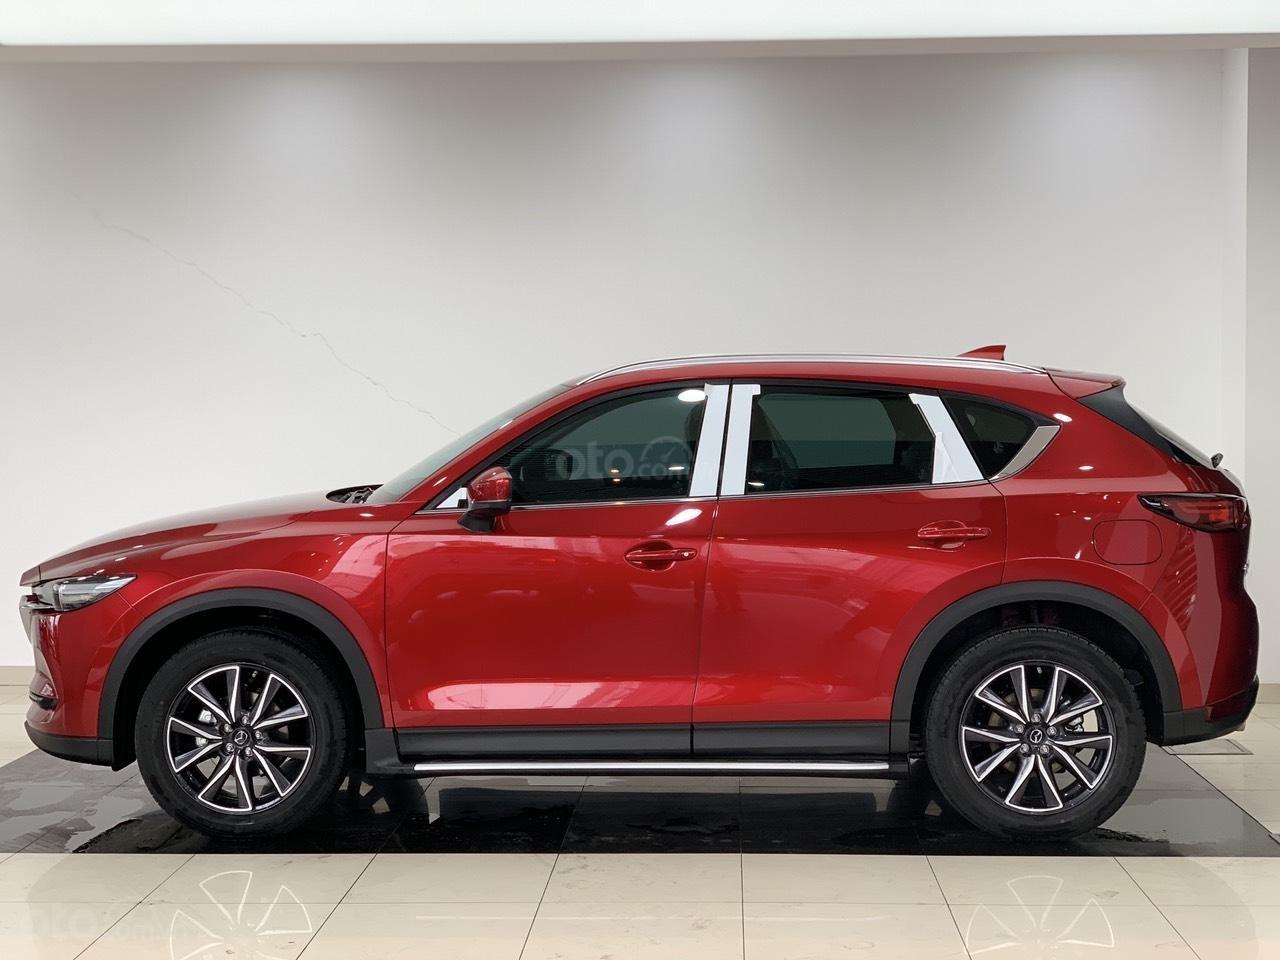 Mazda CX5 2.0 2019 ưu đãi T10 100tr, TG 90%, hỗ trợ giao xe, ĐKĐK, giải quyết nợ xấu, LH 0981 485 819 (11)